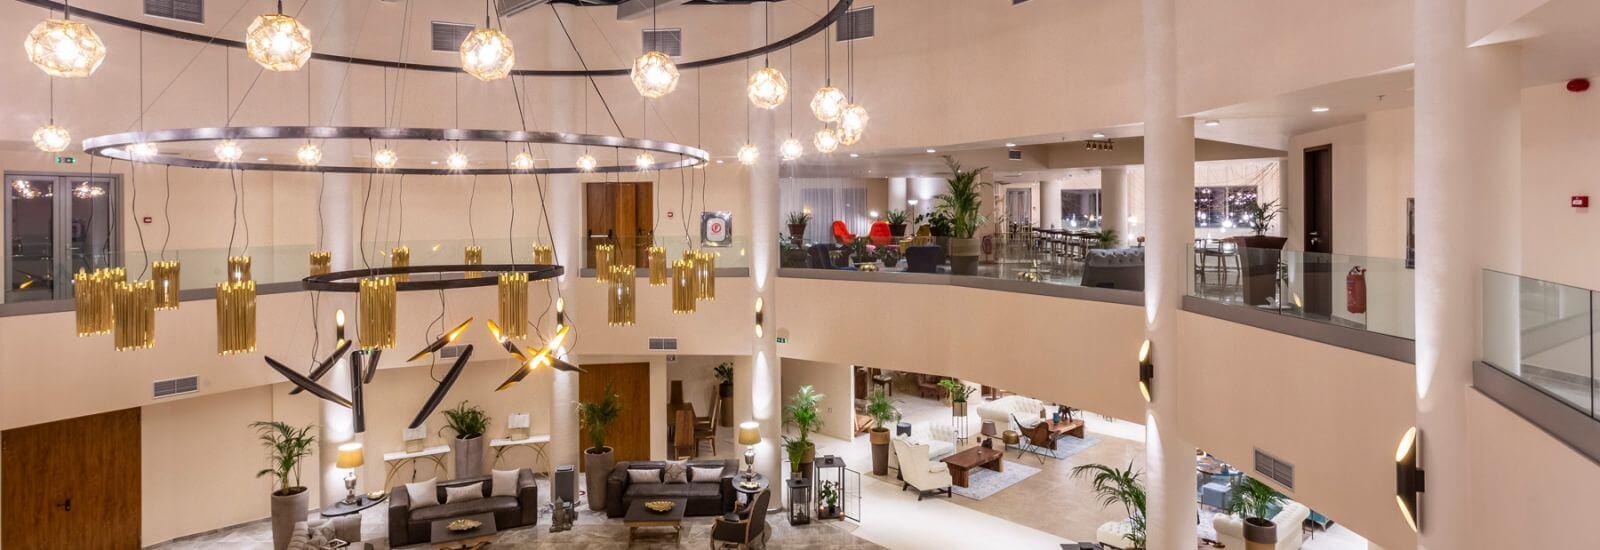 Άνοιξε νέο 5άστερο ξενoδοχείο στην Καλαμάτα 12